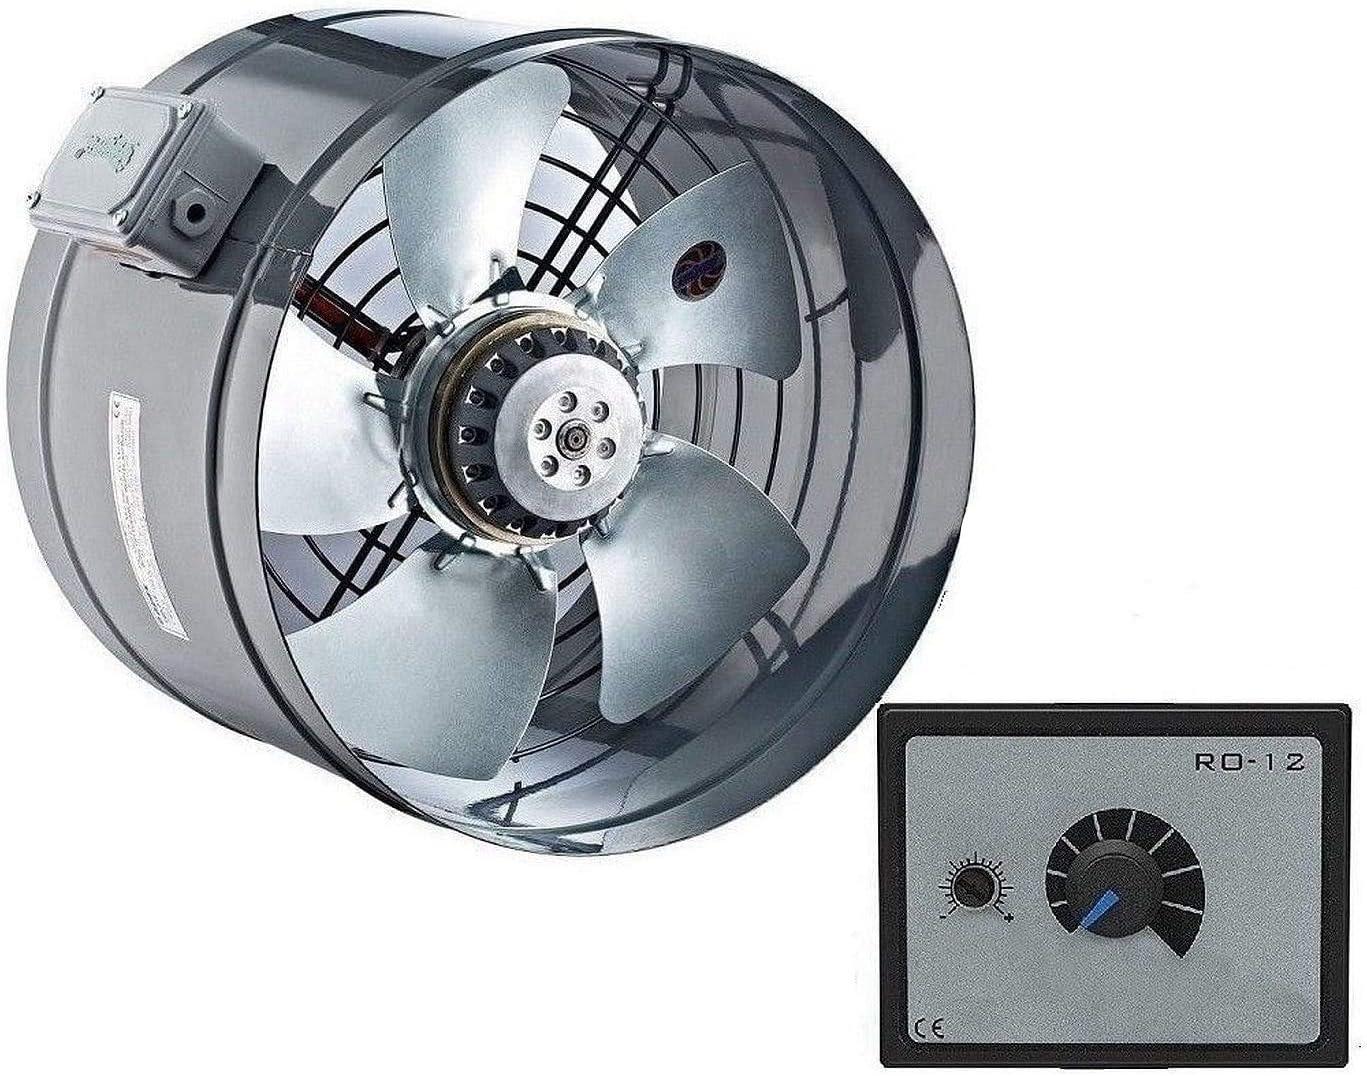 300mm Industrial Tubo Ventilador con 500Watt Regulador de velocidad Canal Ventiladores axial Extraccion Extractores Extractor Helicoidal Helicoidales